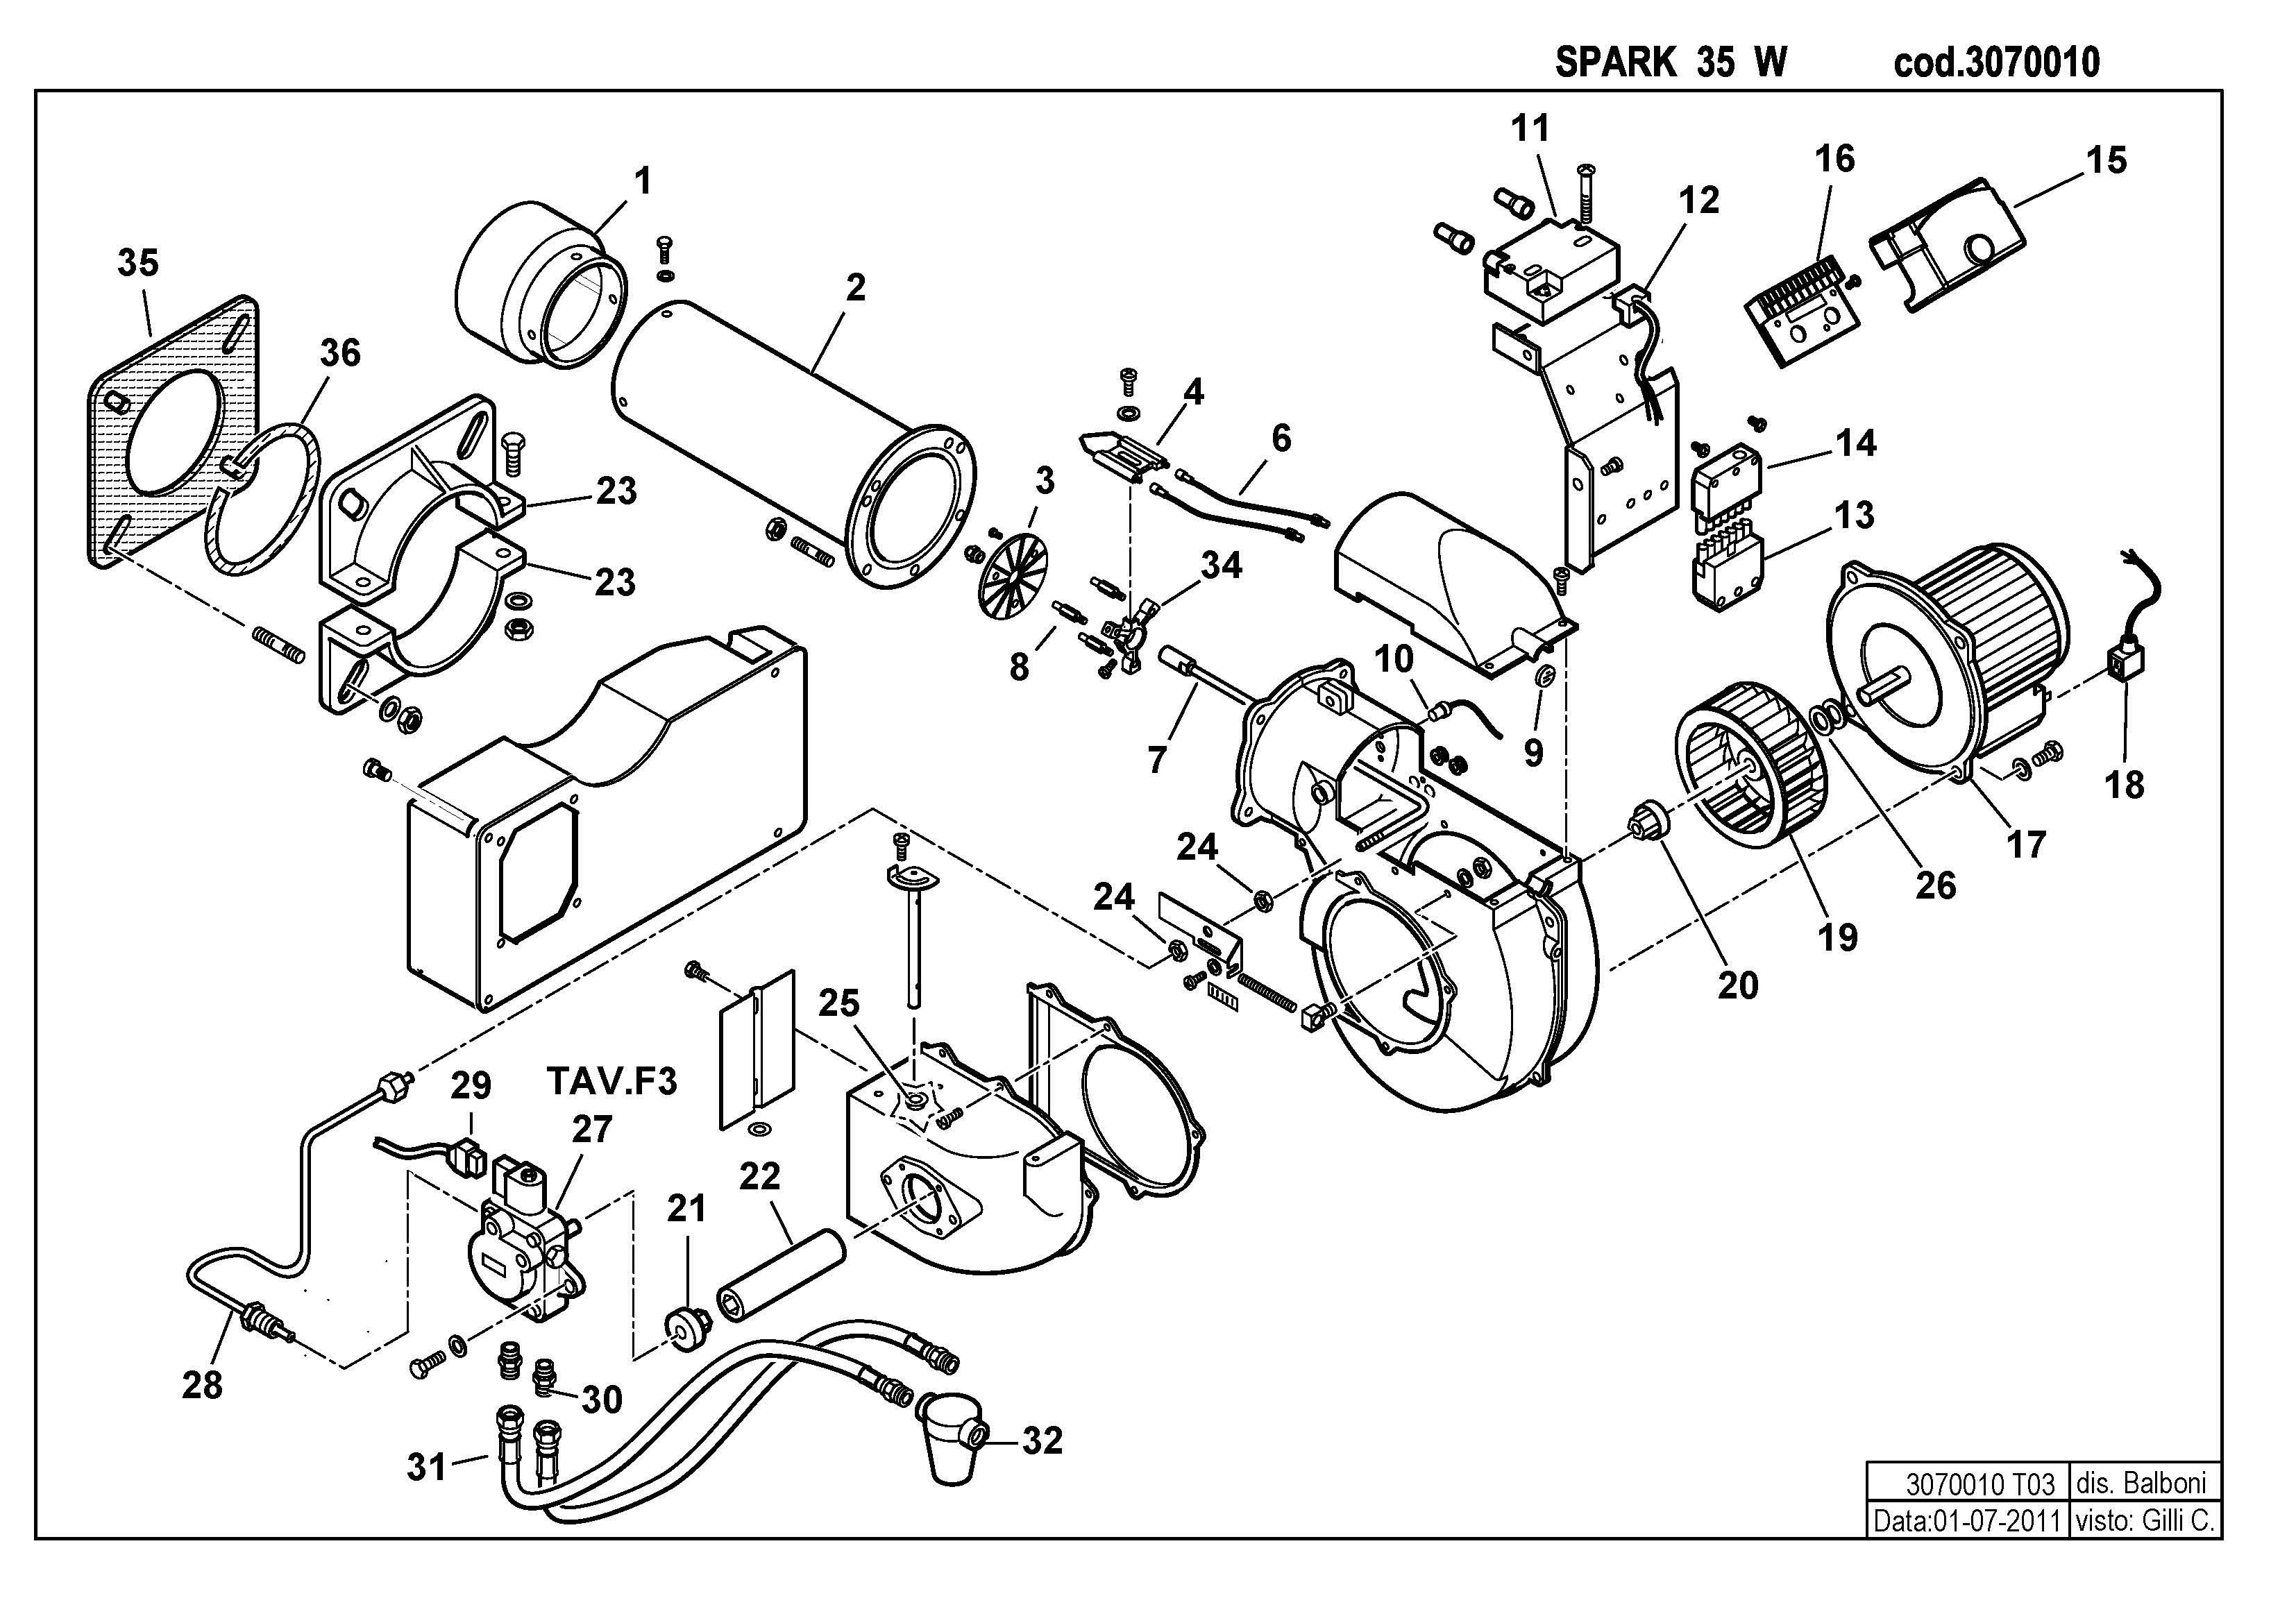 SPARK 35 W 3070010 3 20110701